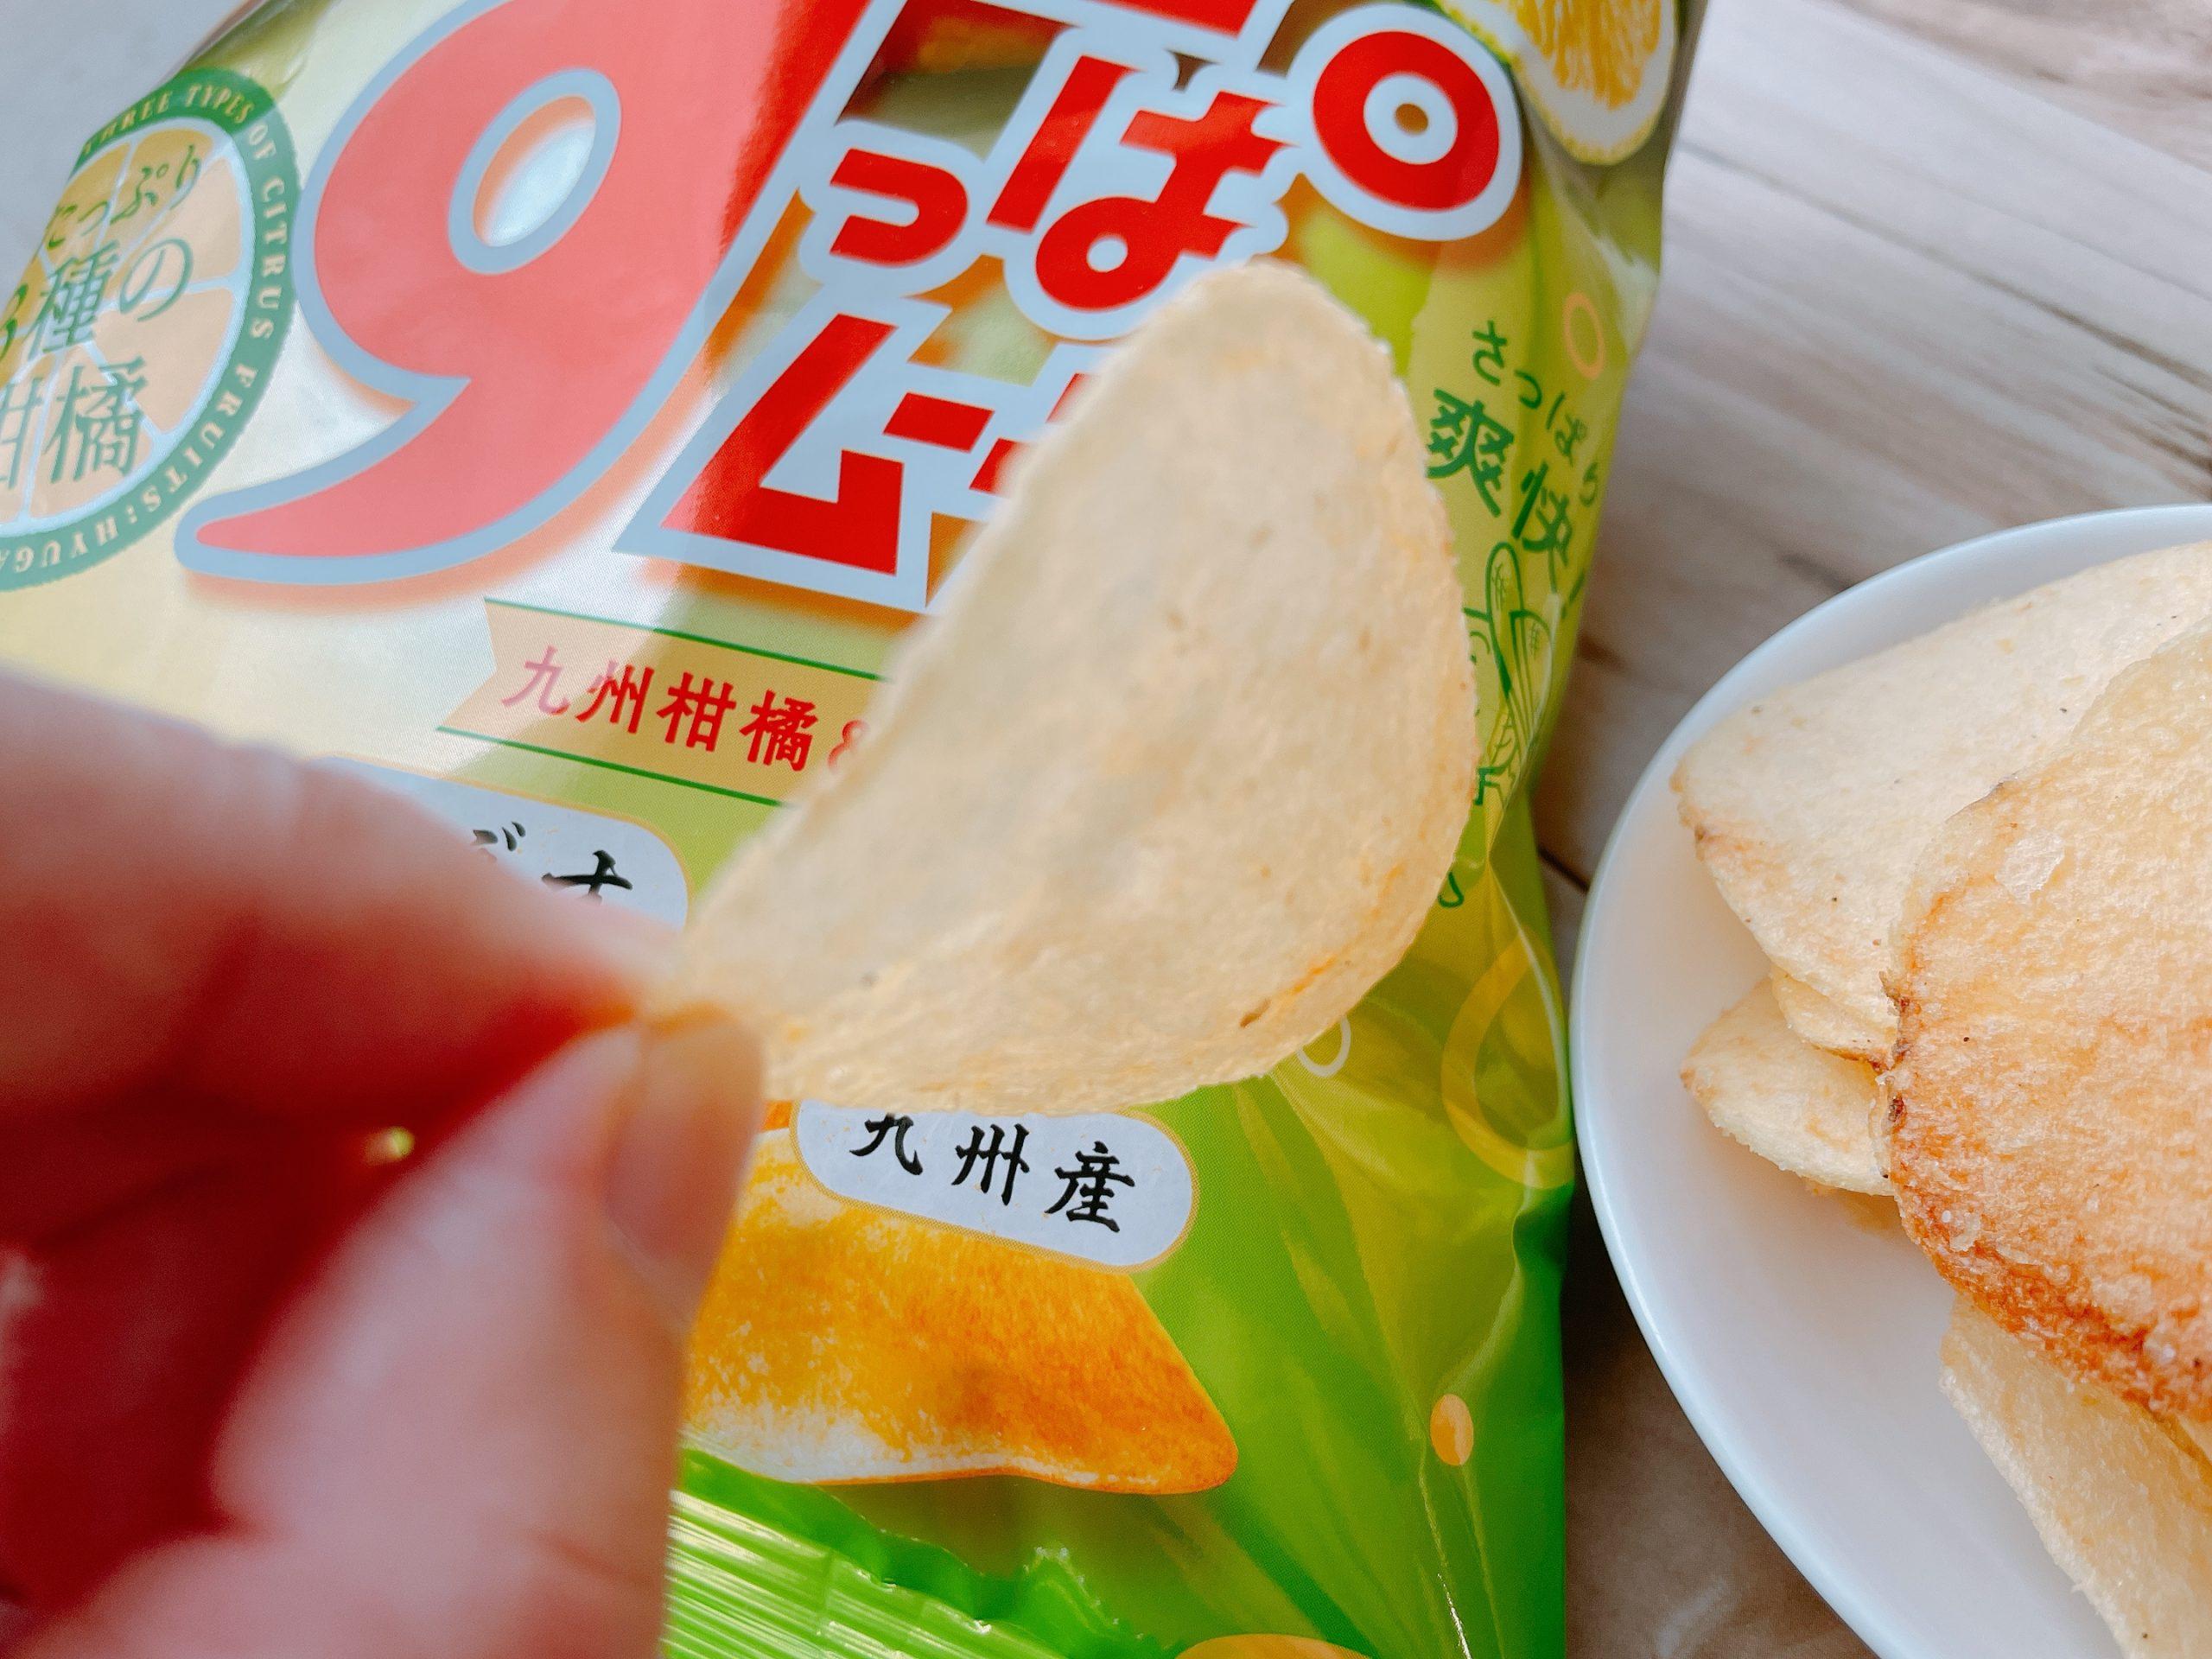 九州すっぱムーチョ<九州柑橘&ビネガー>3つの味の変化が楽しい